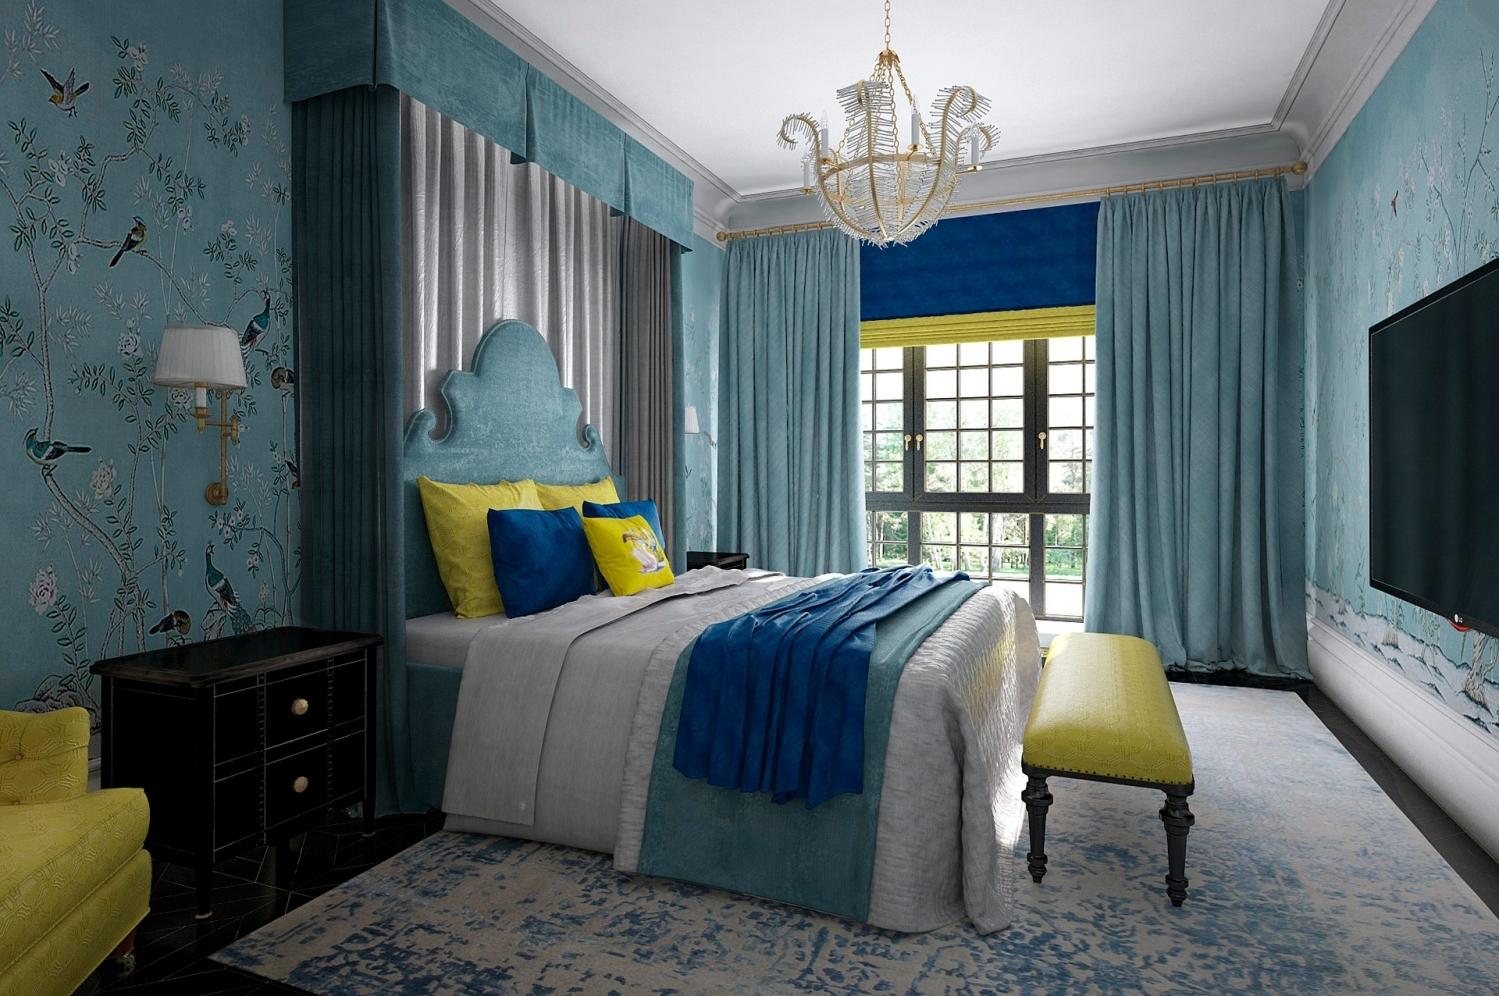 英庭名墅 别墅装修 欧美风格 腾龙设计 卧室图片来自孔继民在英庭名墅别墅完工实景展示的分享